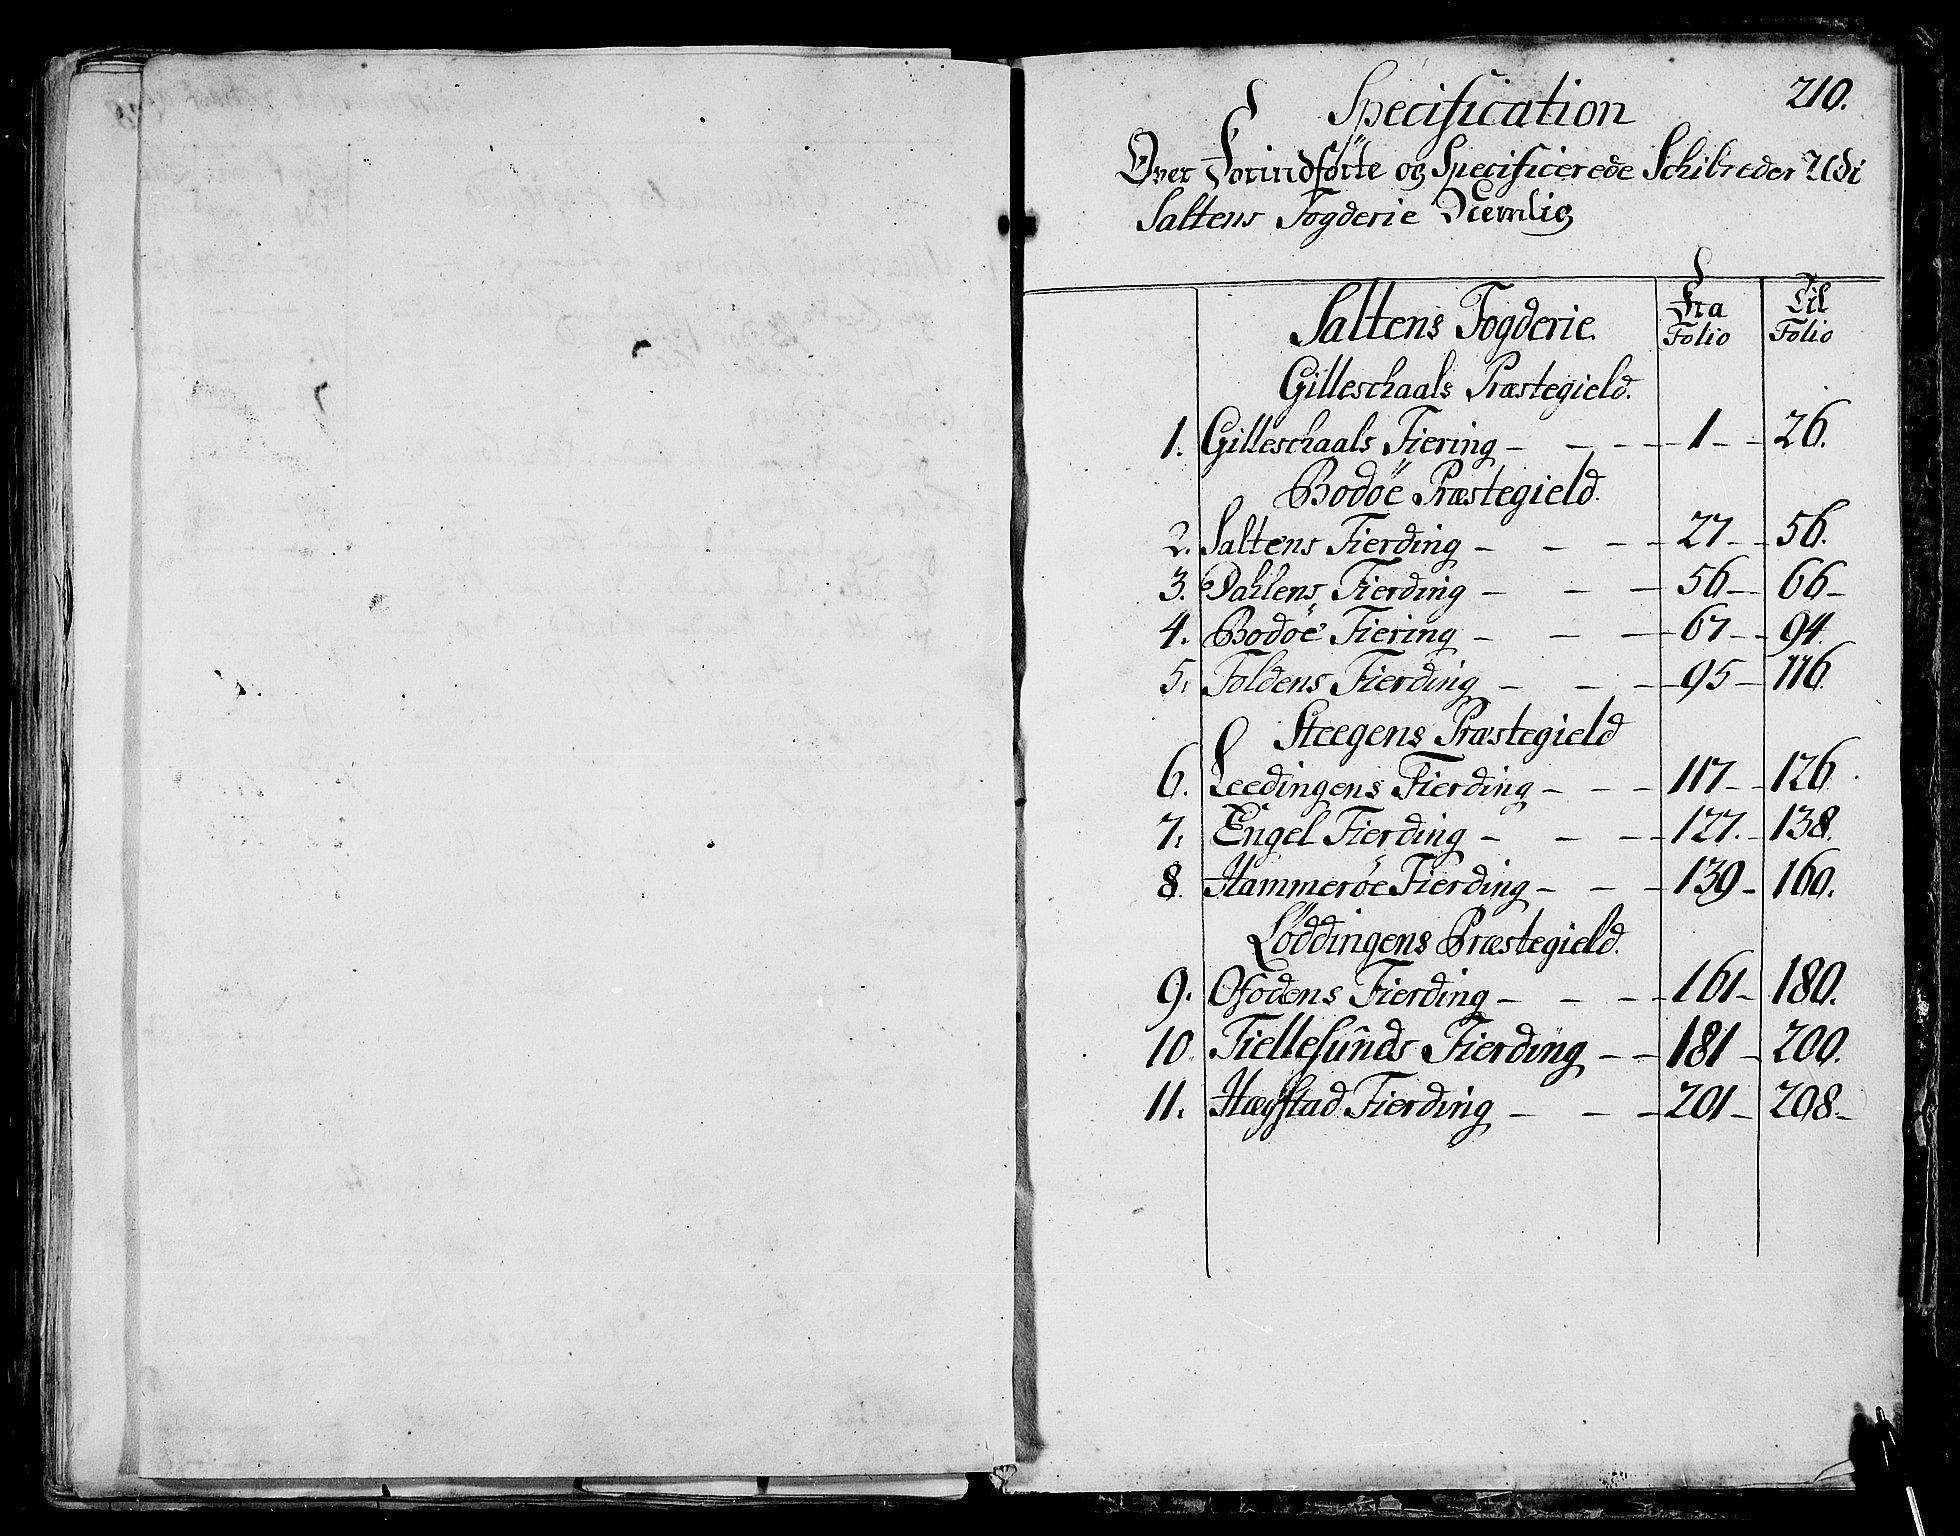 RA, Rentekammeret inntil 1814, Realistisk ordnet avdeling, N/Nb/Nbf/L0173: Salten matrikkelprotokoll, 1723, s. 209b-210a